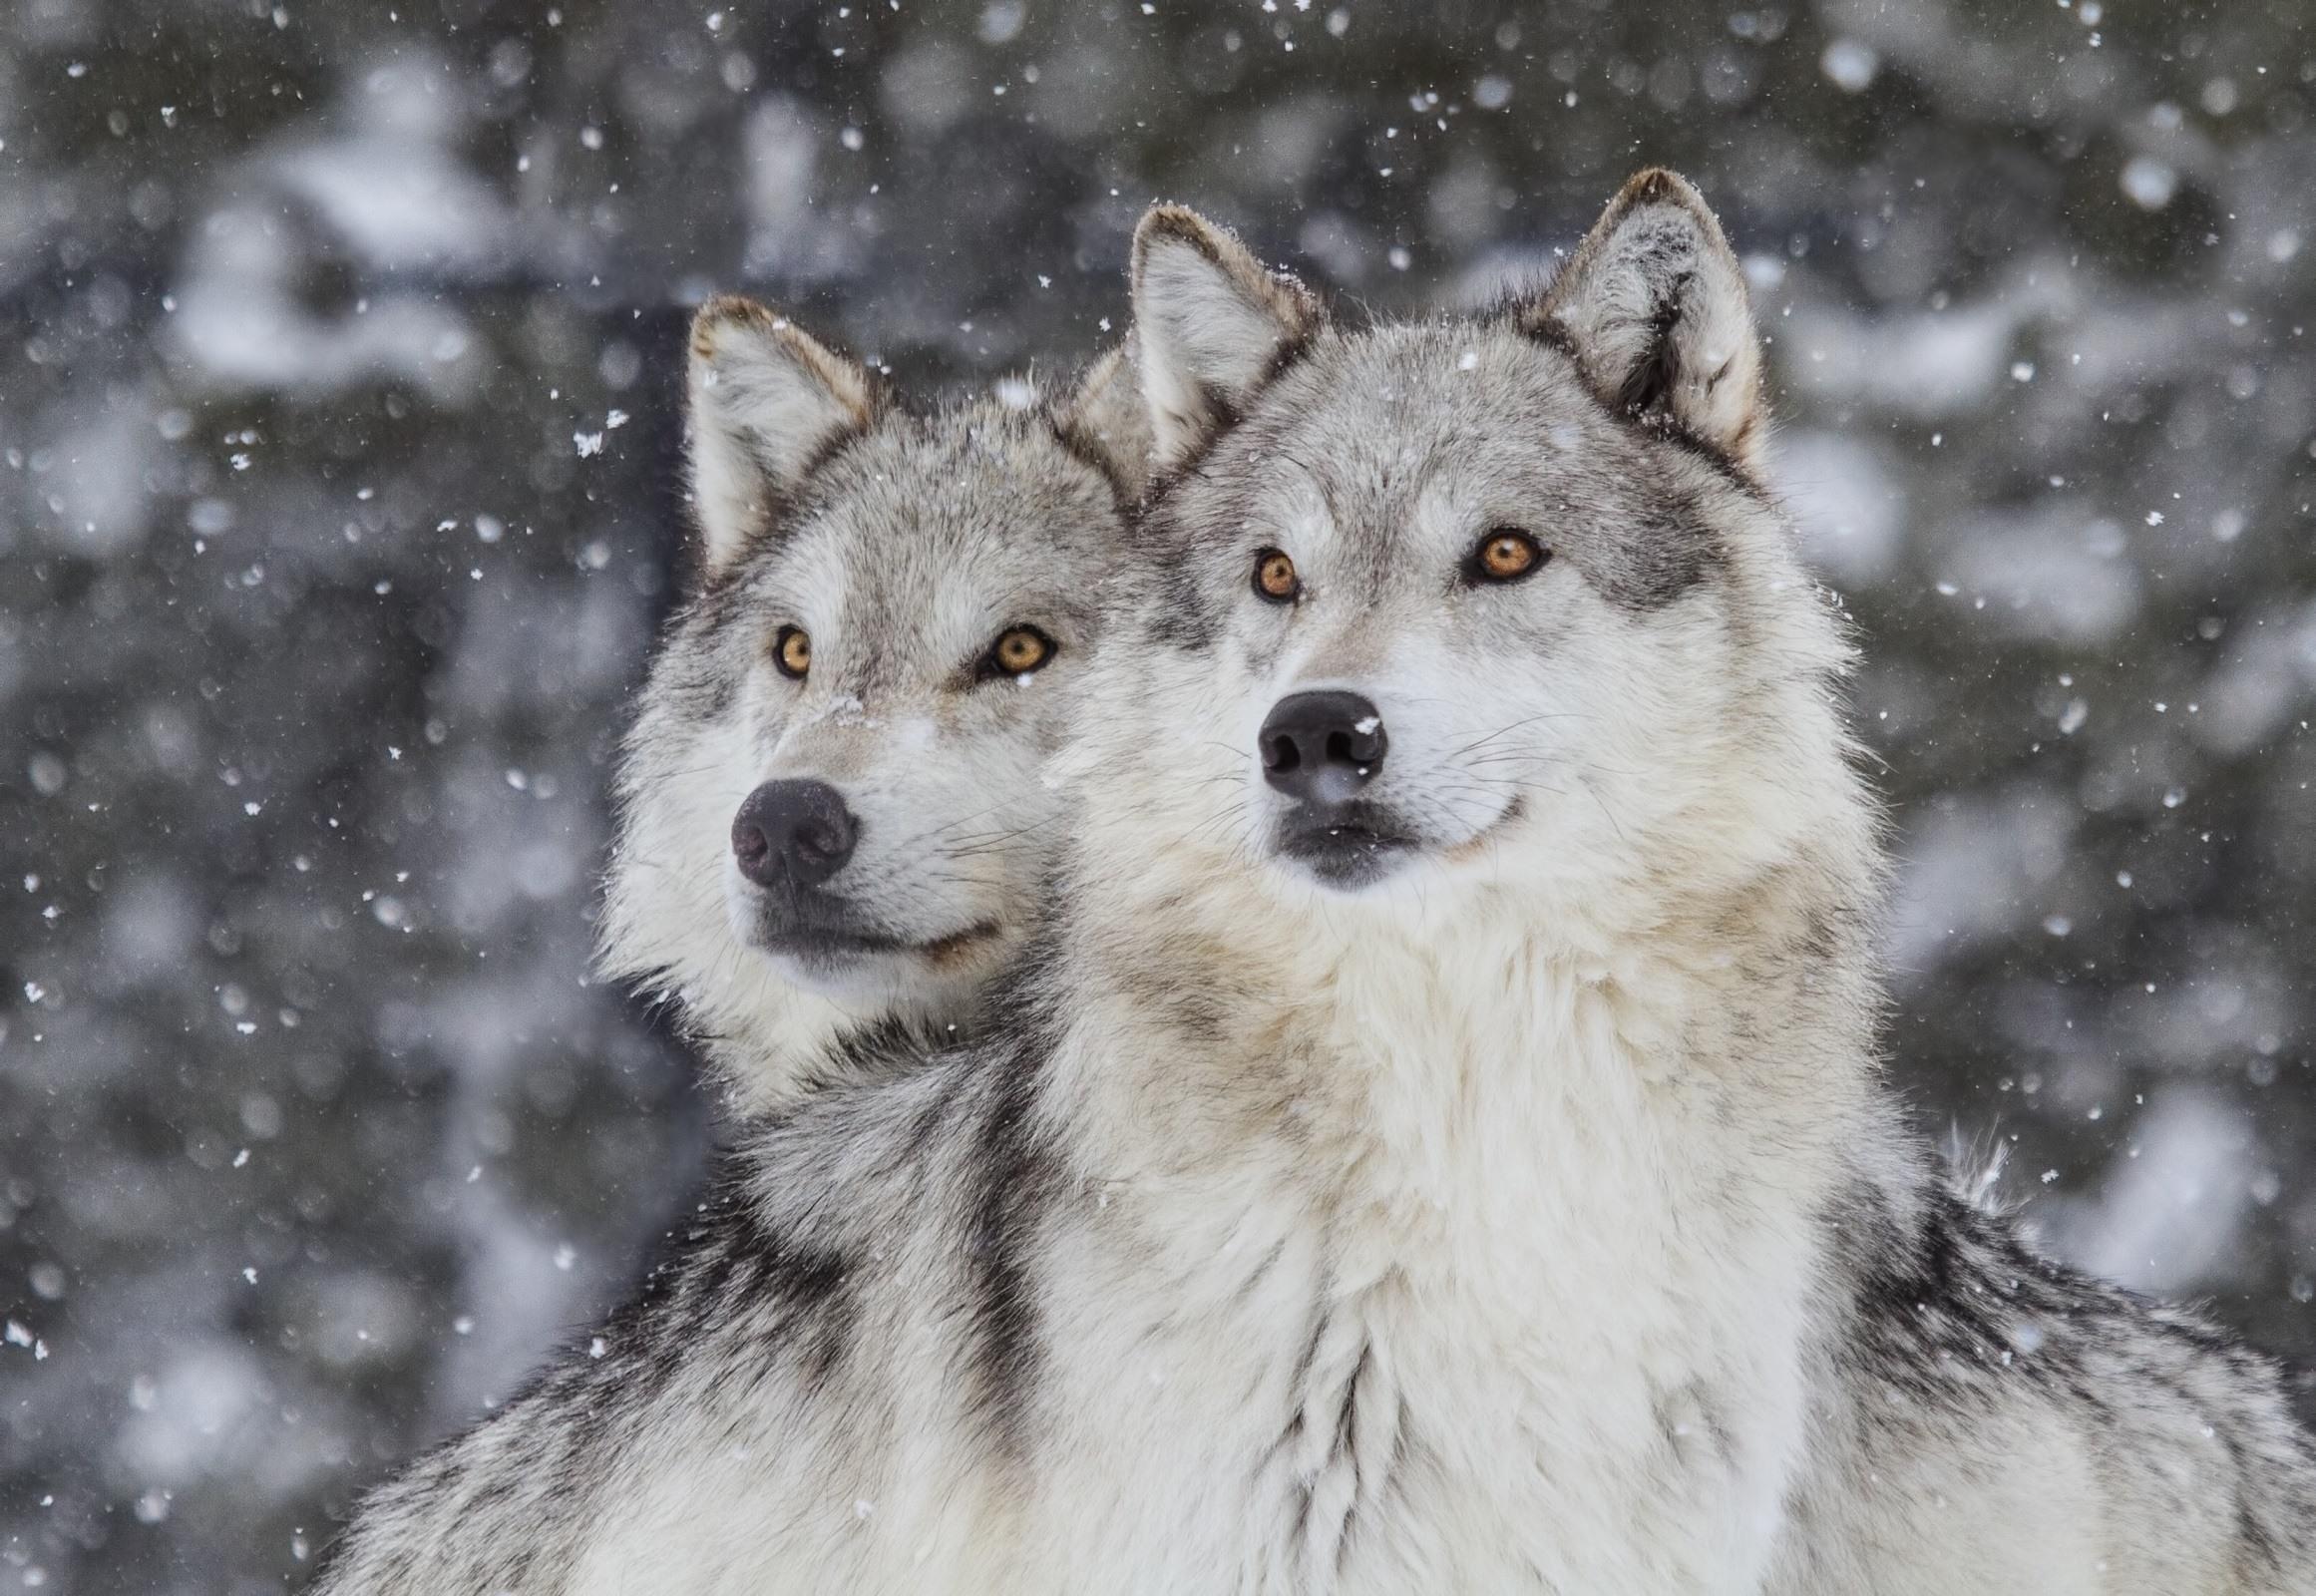 Wolves in Snow (Canus Lupus)